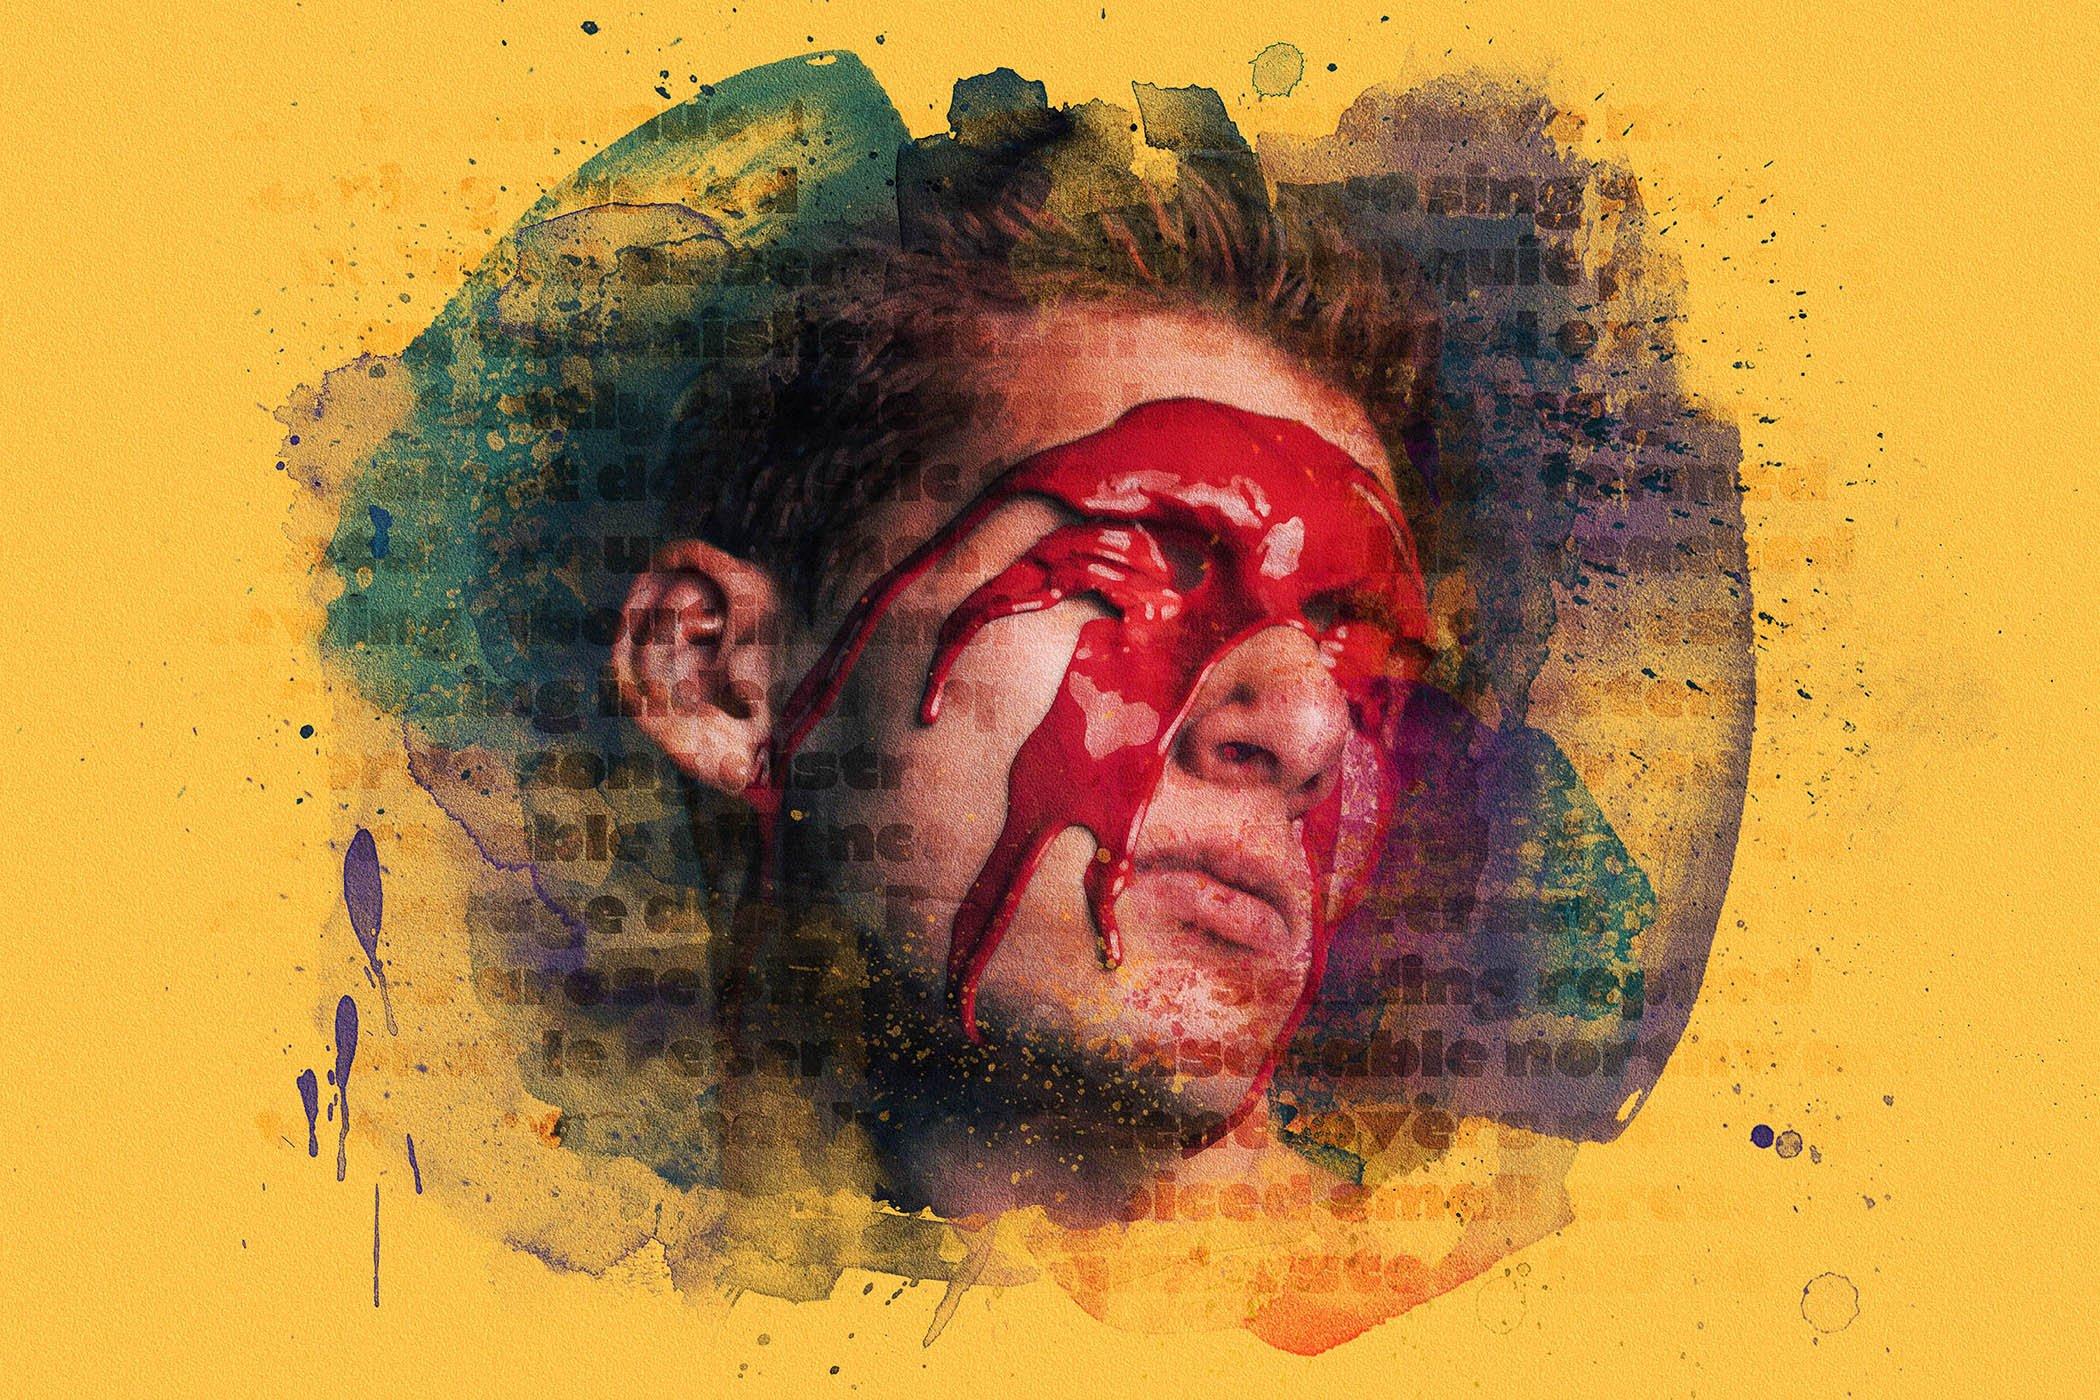 水彩喷溅混合艺术效果照片处理滤镜PS样式素材 Mixed Media Photo Effect插图2